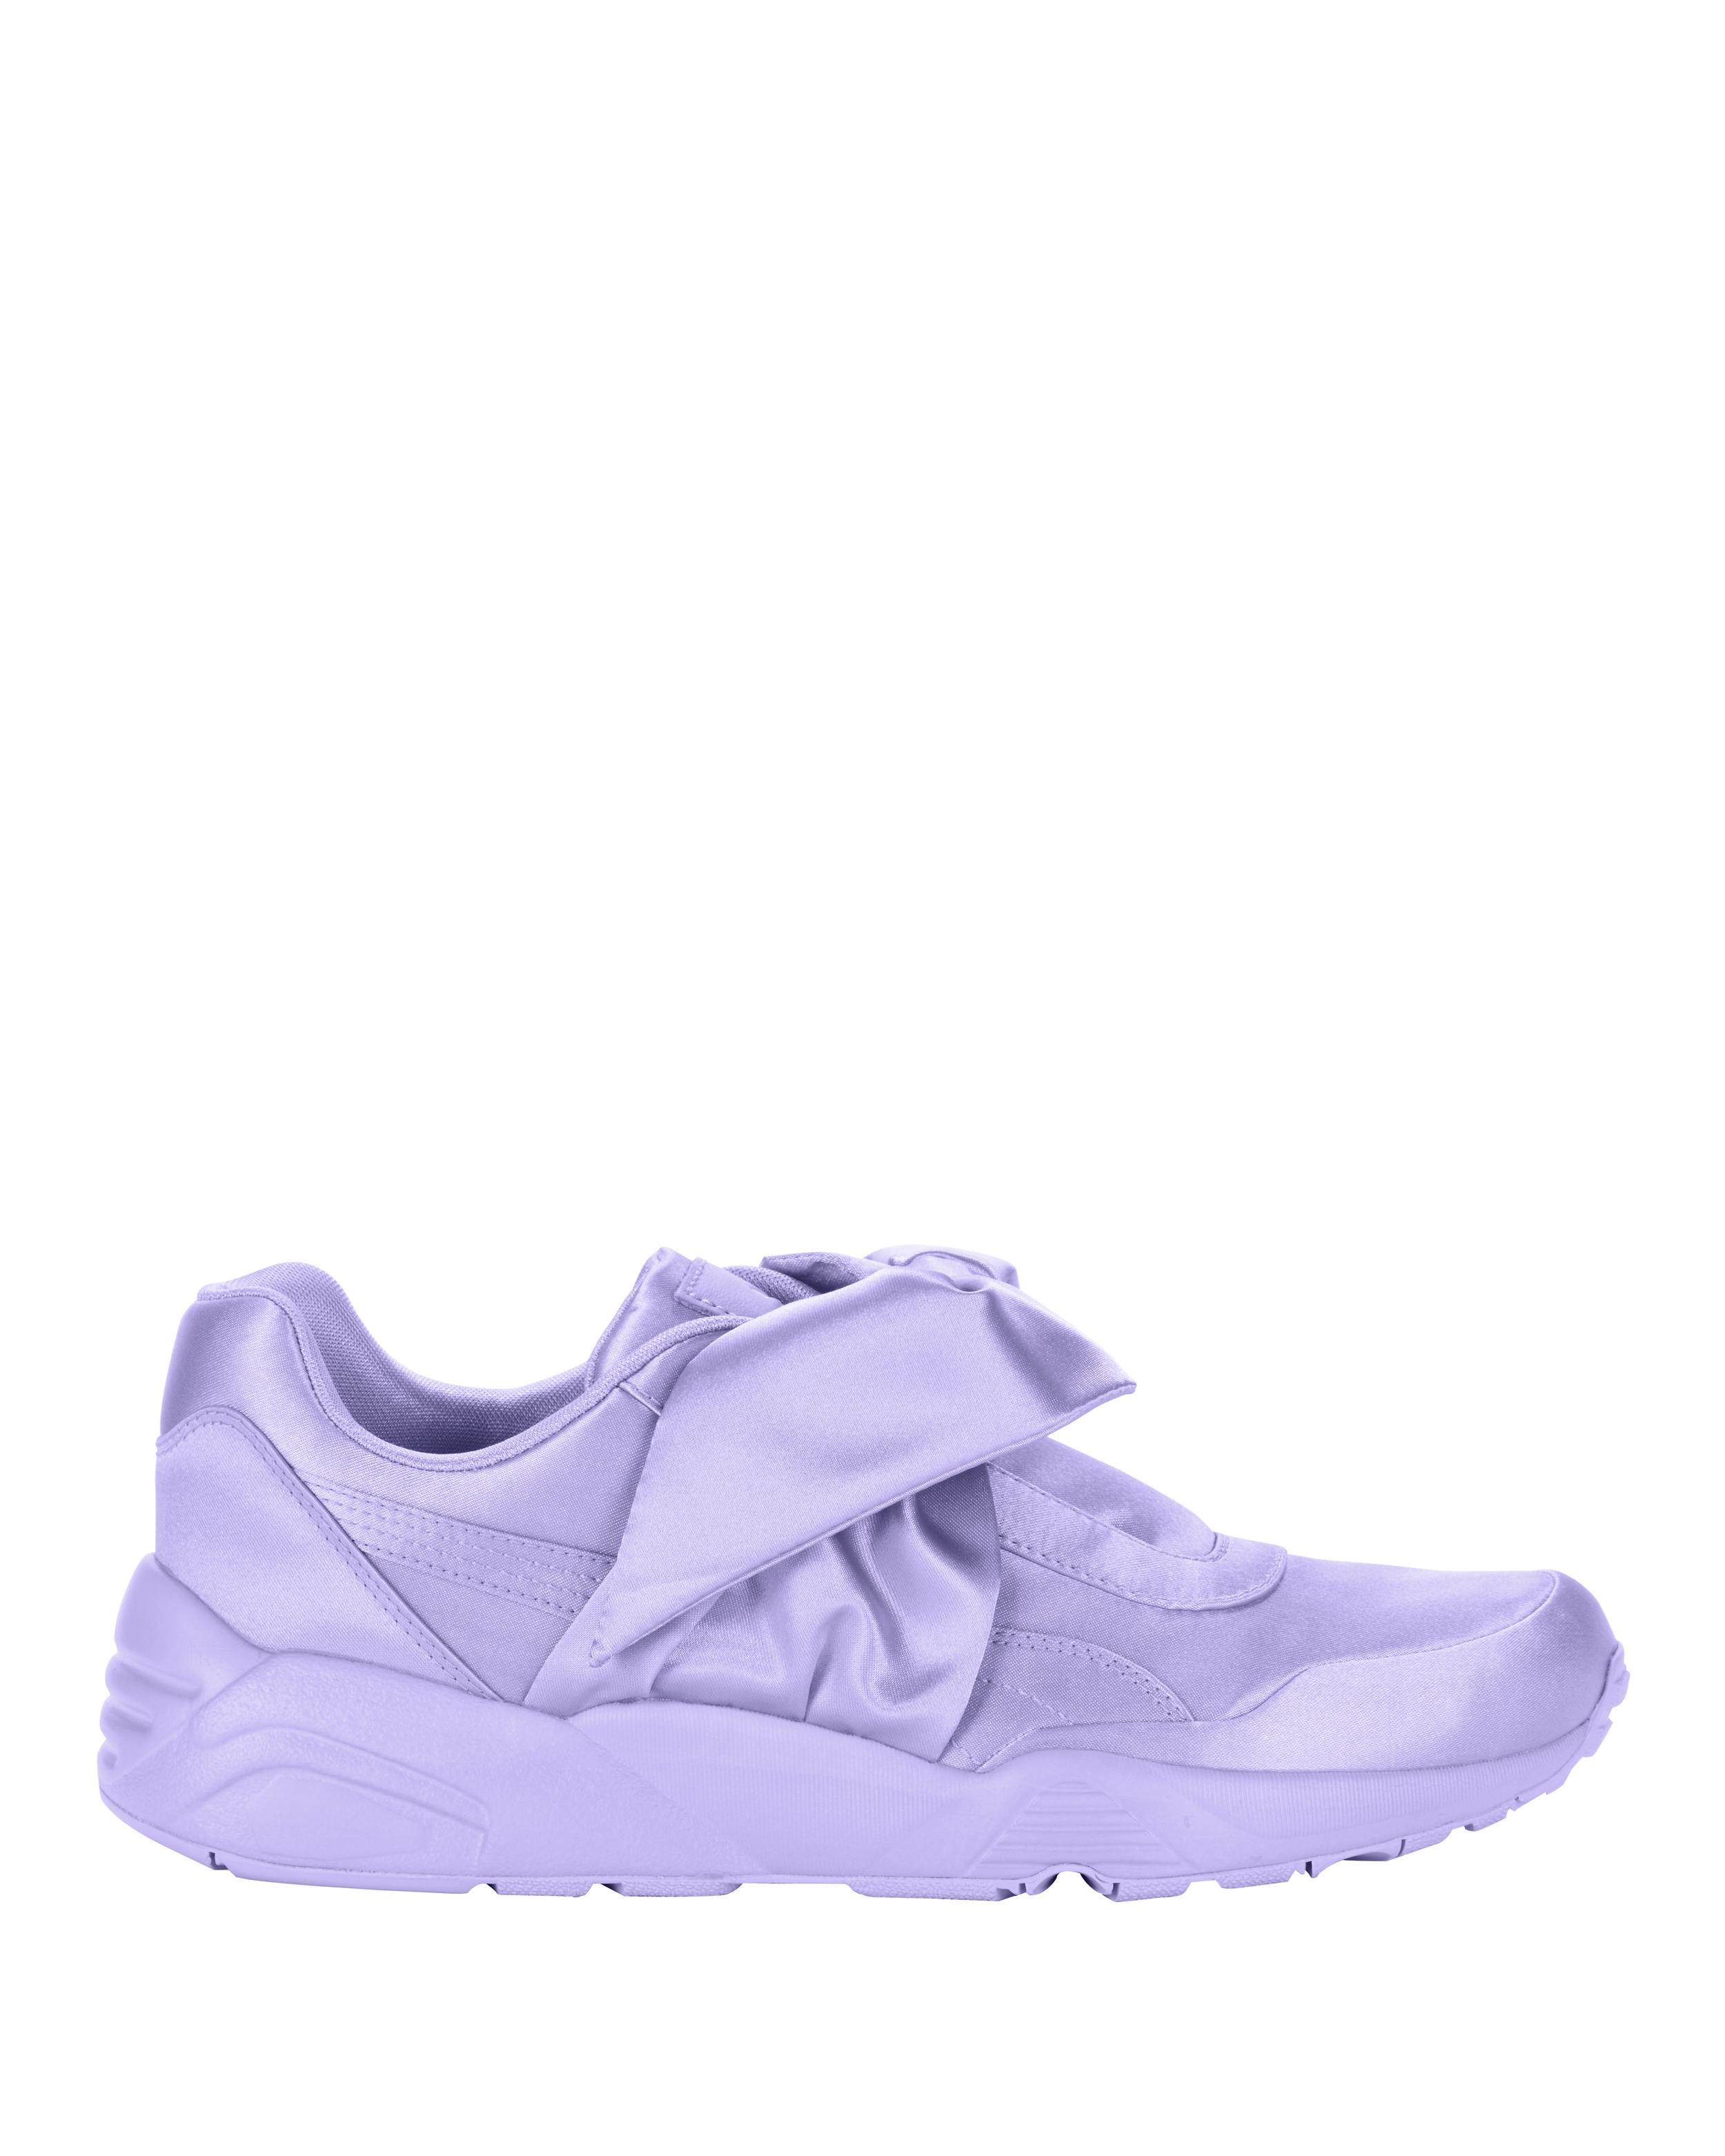 puma x rihanna shoes